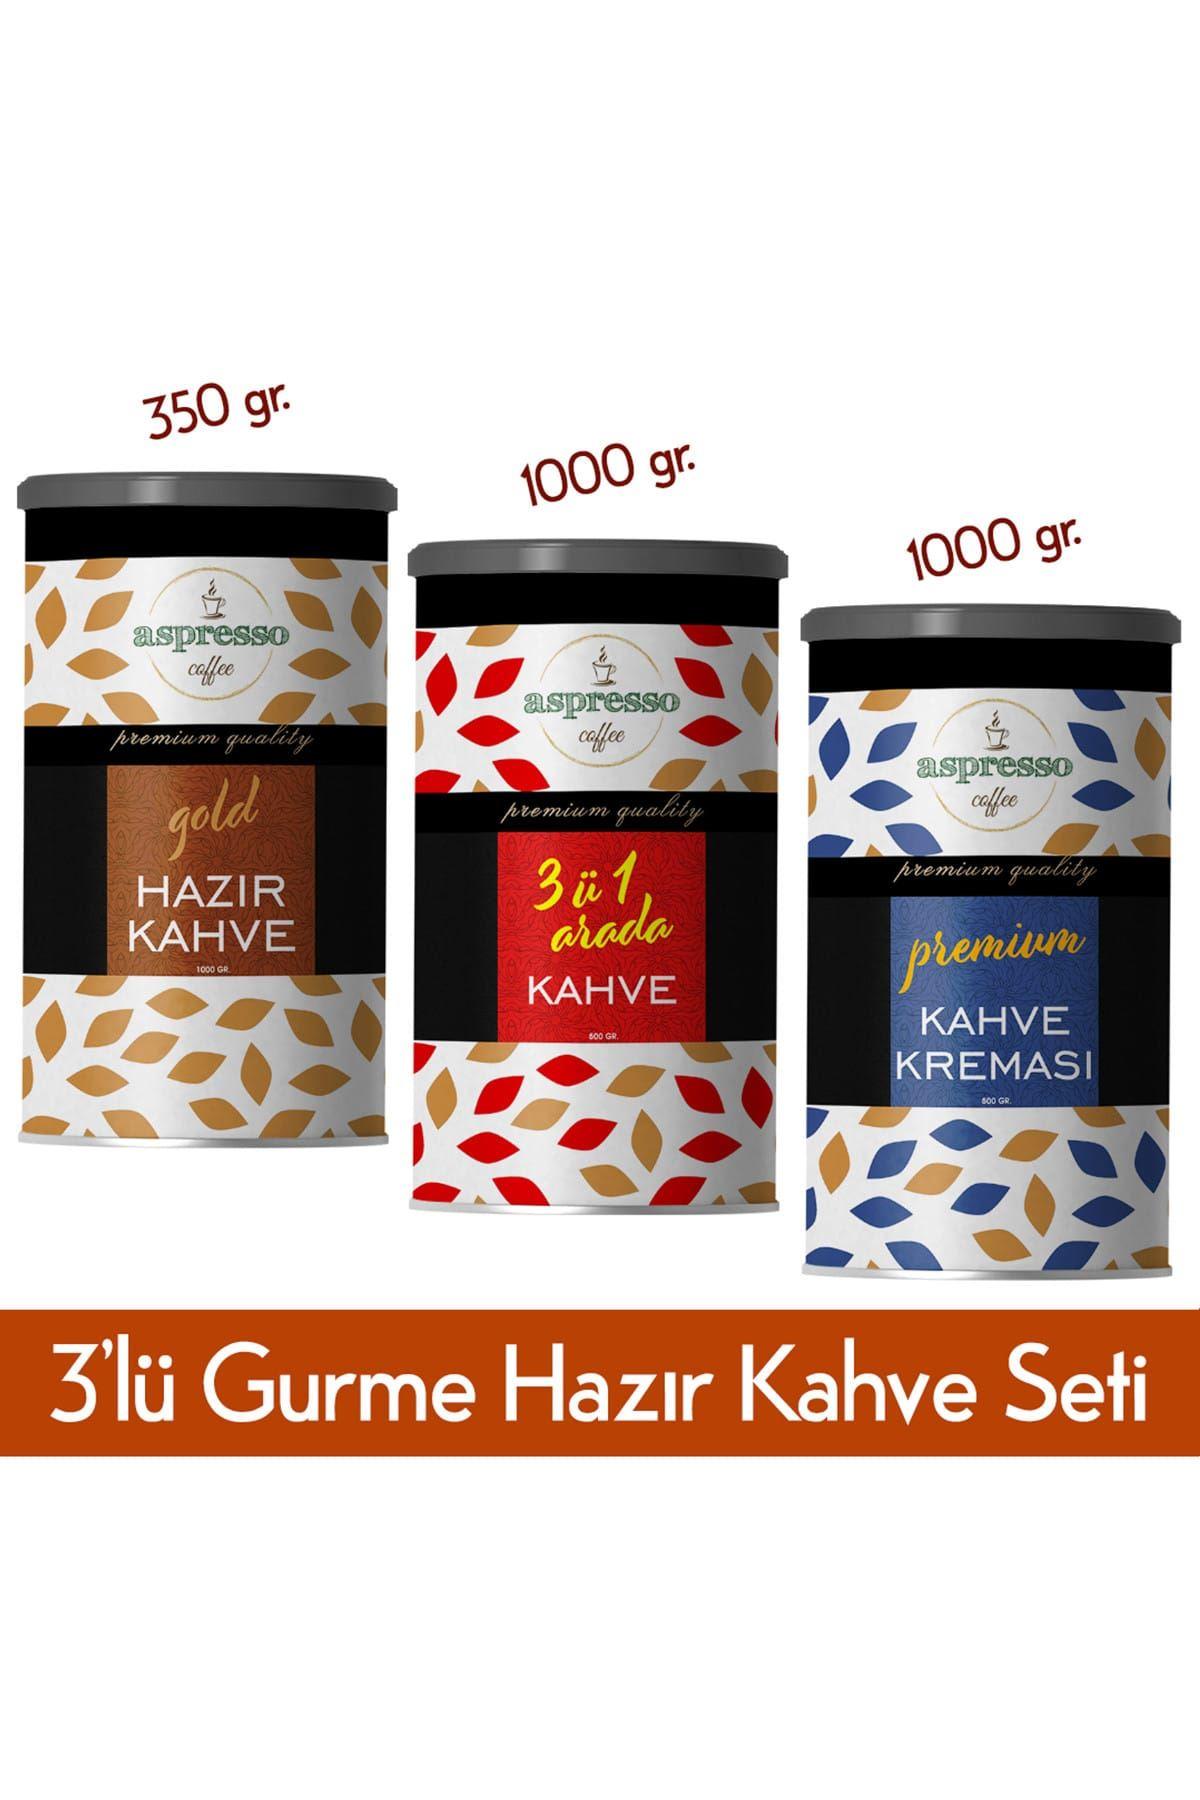 3'lü Hazır Kahve Gurme Seti(Gold,3ü1arada,KahveKreması)